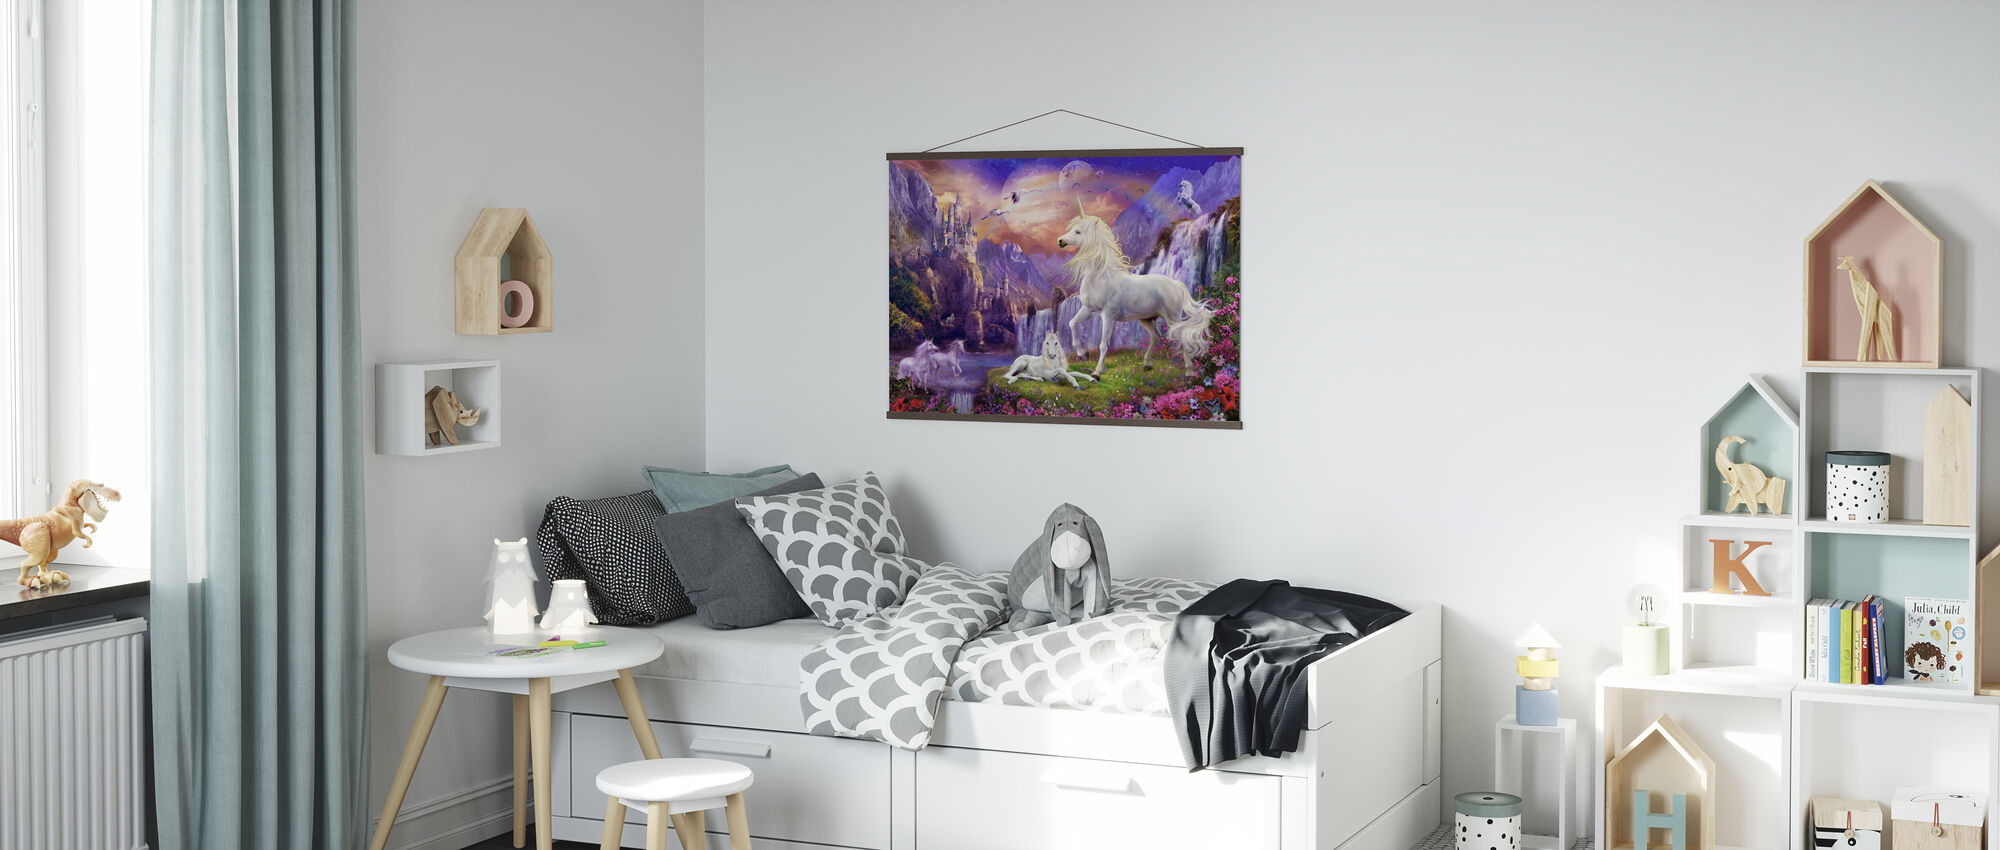 Am frühen Abend - Poster - Kinderzimmer